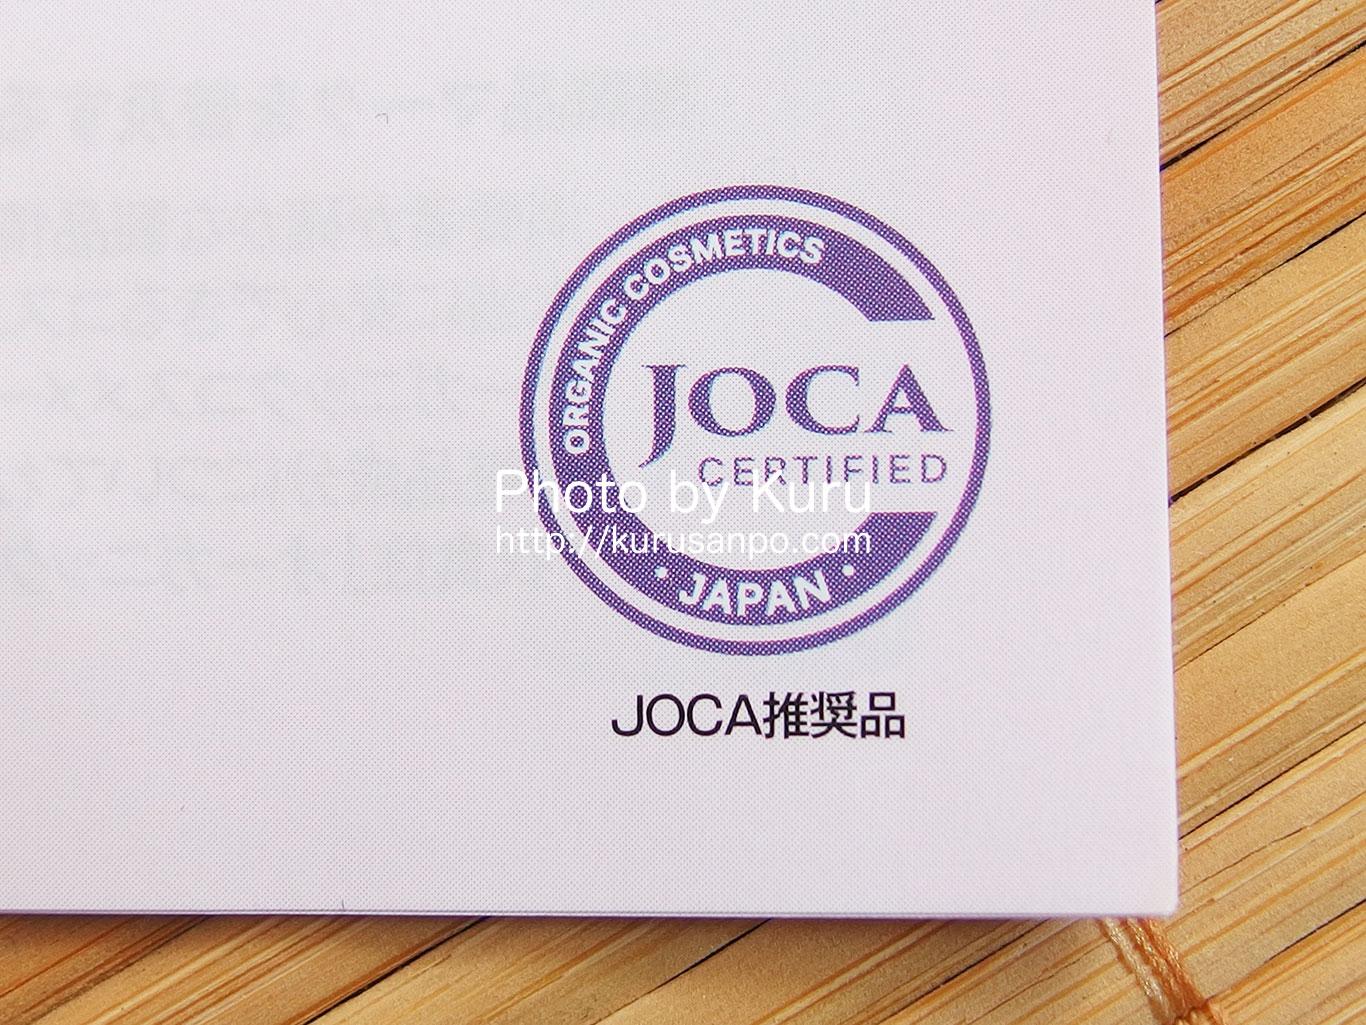 ARTE(アルテ)[(有)アルテ]・一般社団法人 日本オーガニックコスメ協会[Japan Organic Cosmetics Association(JOCA)]